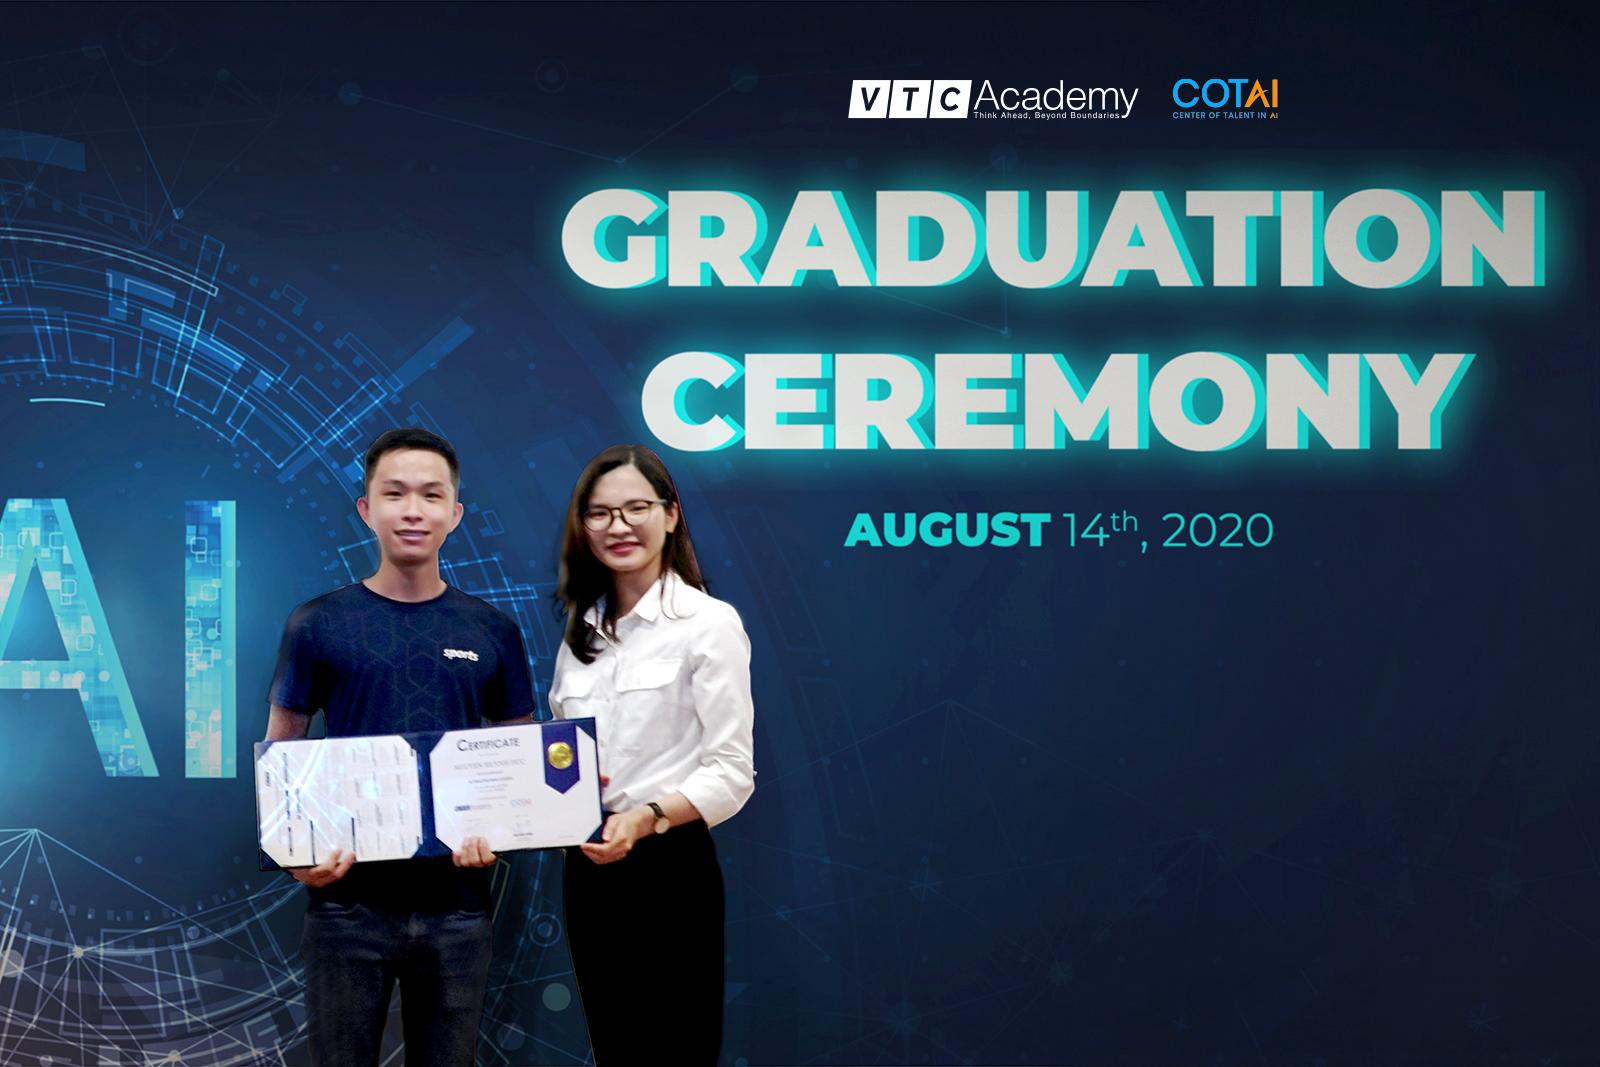 VTC Academy tổ chức lễ tốt nghiệp lớp AI Practitioner tại Hà Nội